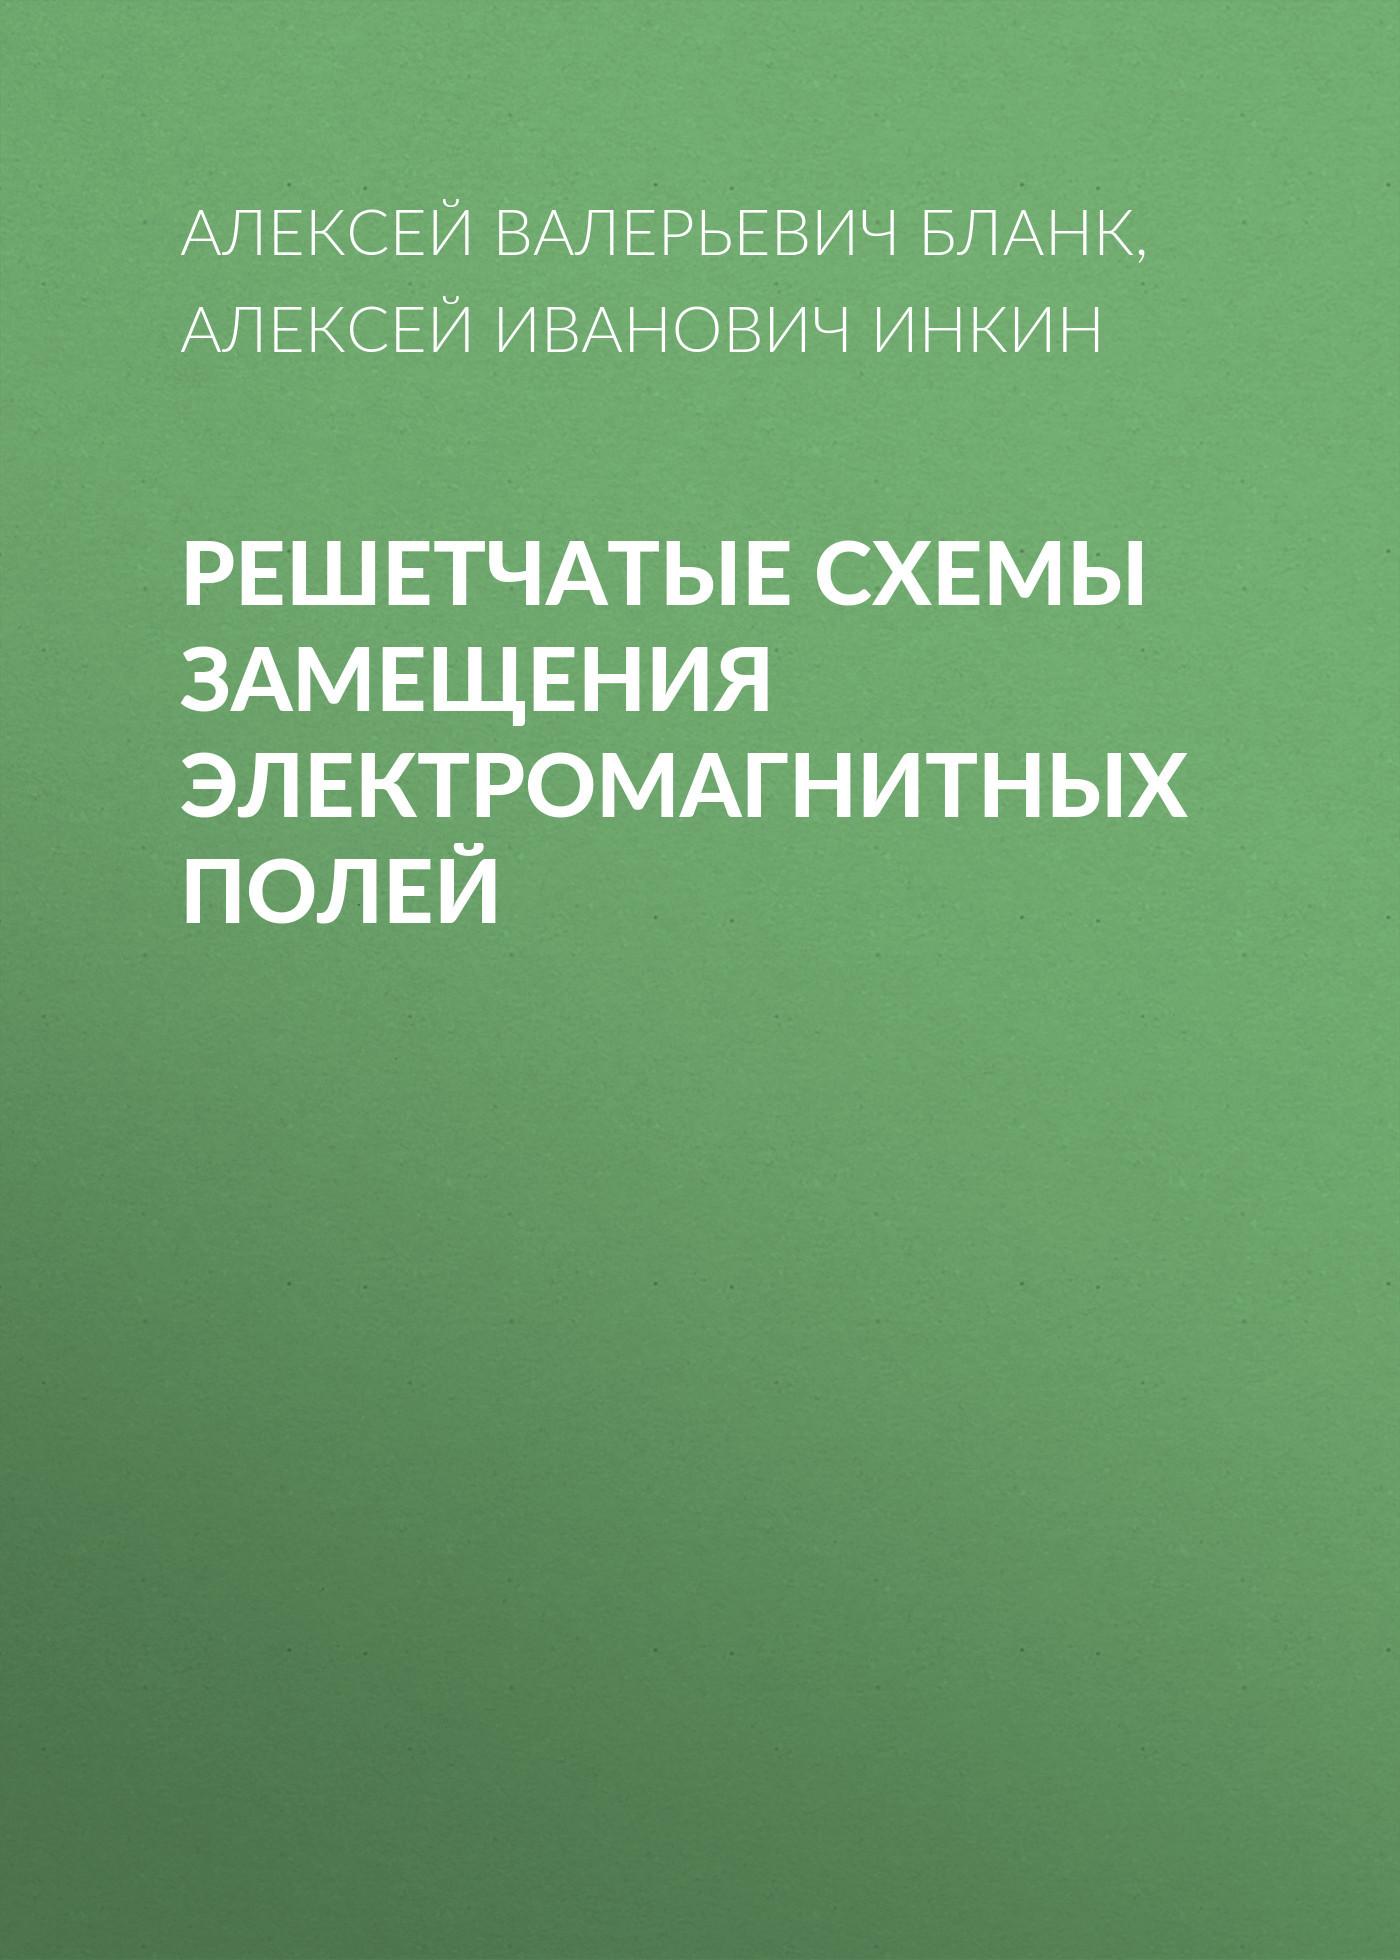 Алексей Иванович Инкин Решетчатые схемы замещения электромагнитных полей ISBN: 978-5-7782-2758-3 расчёты электромагнитных полей